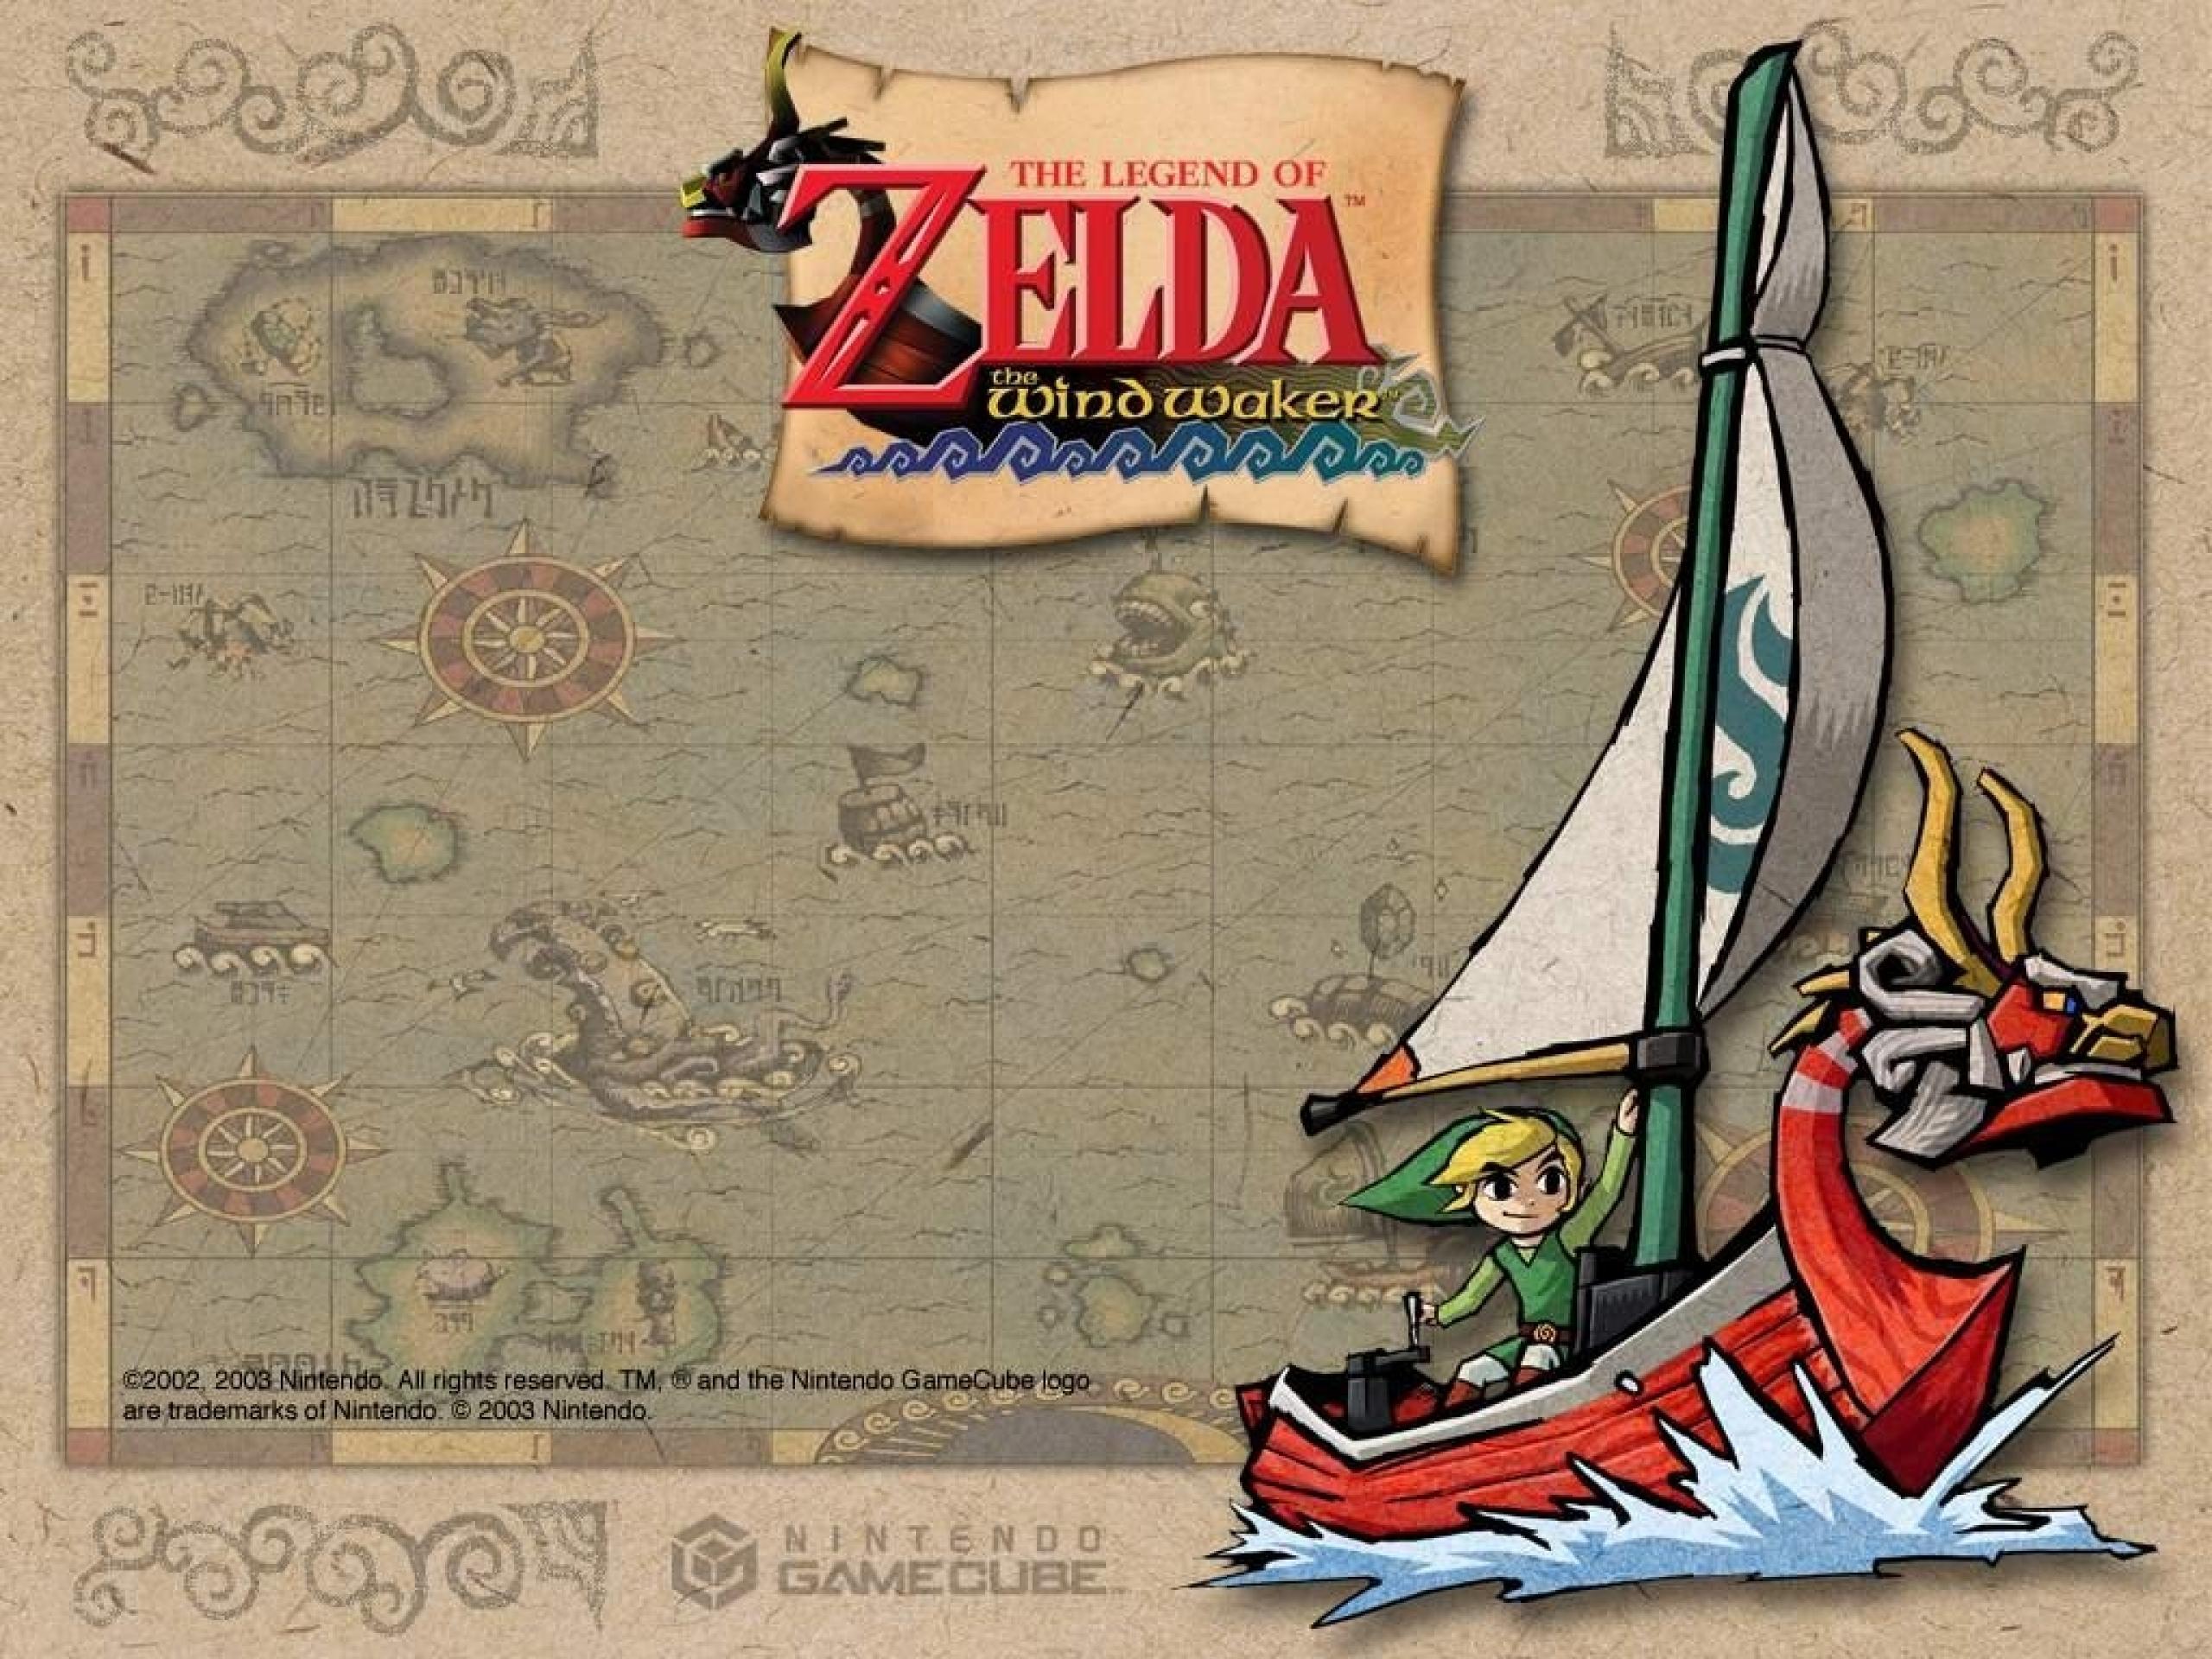 The Legend Of Zelda The Wind Waker Wallpaper 5 Wallpapersbq